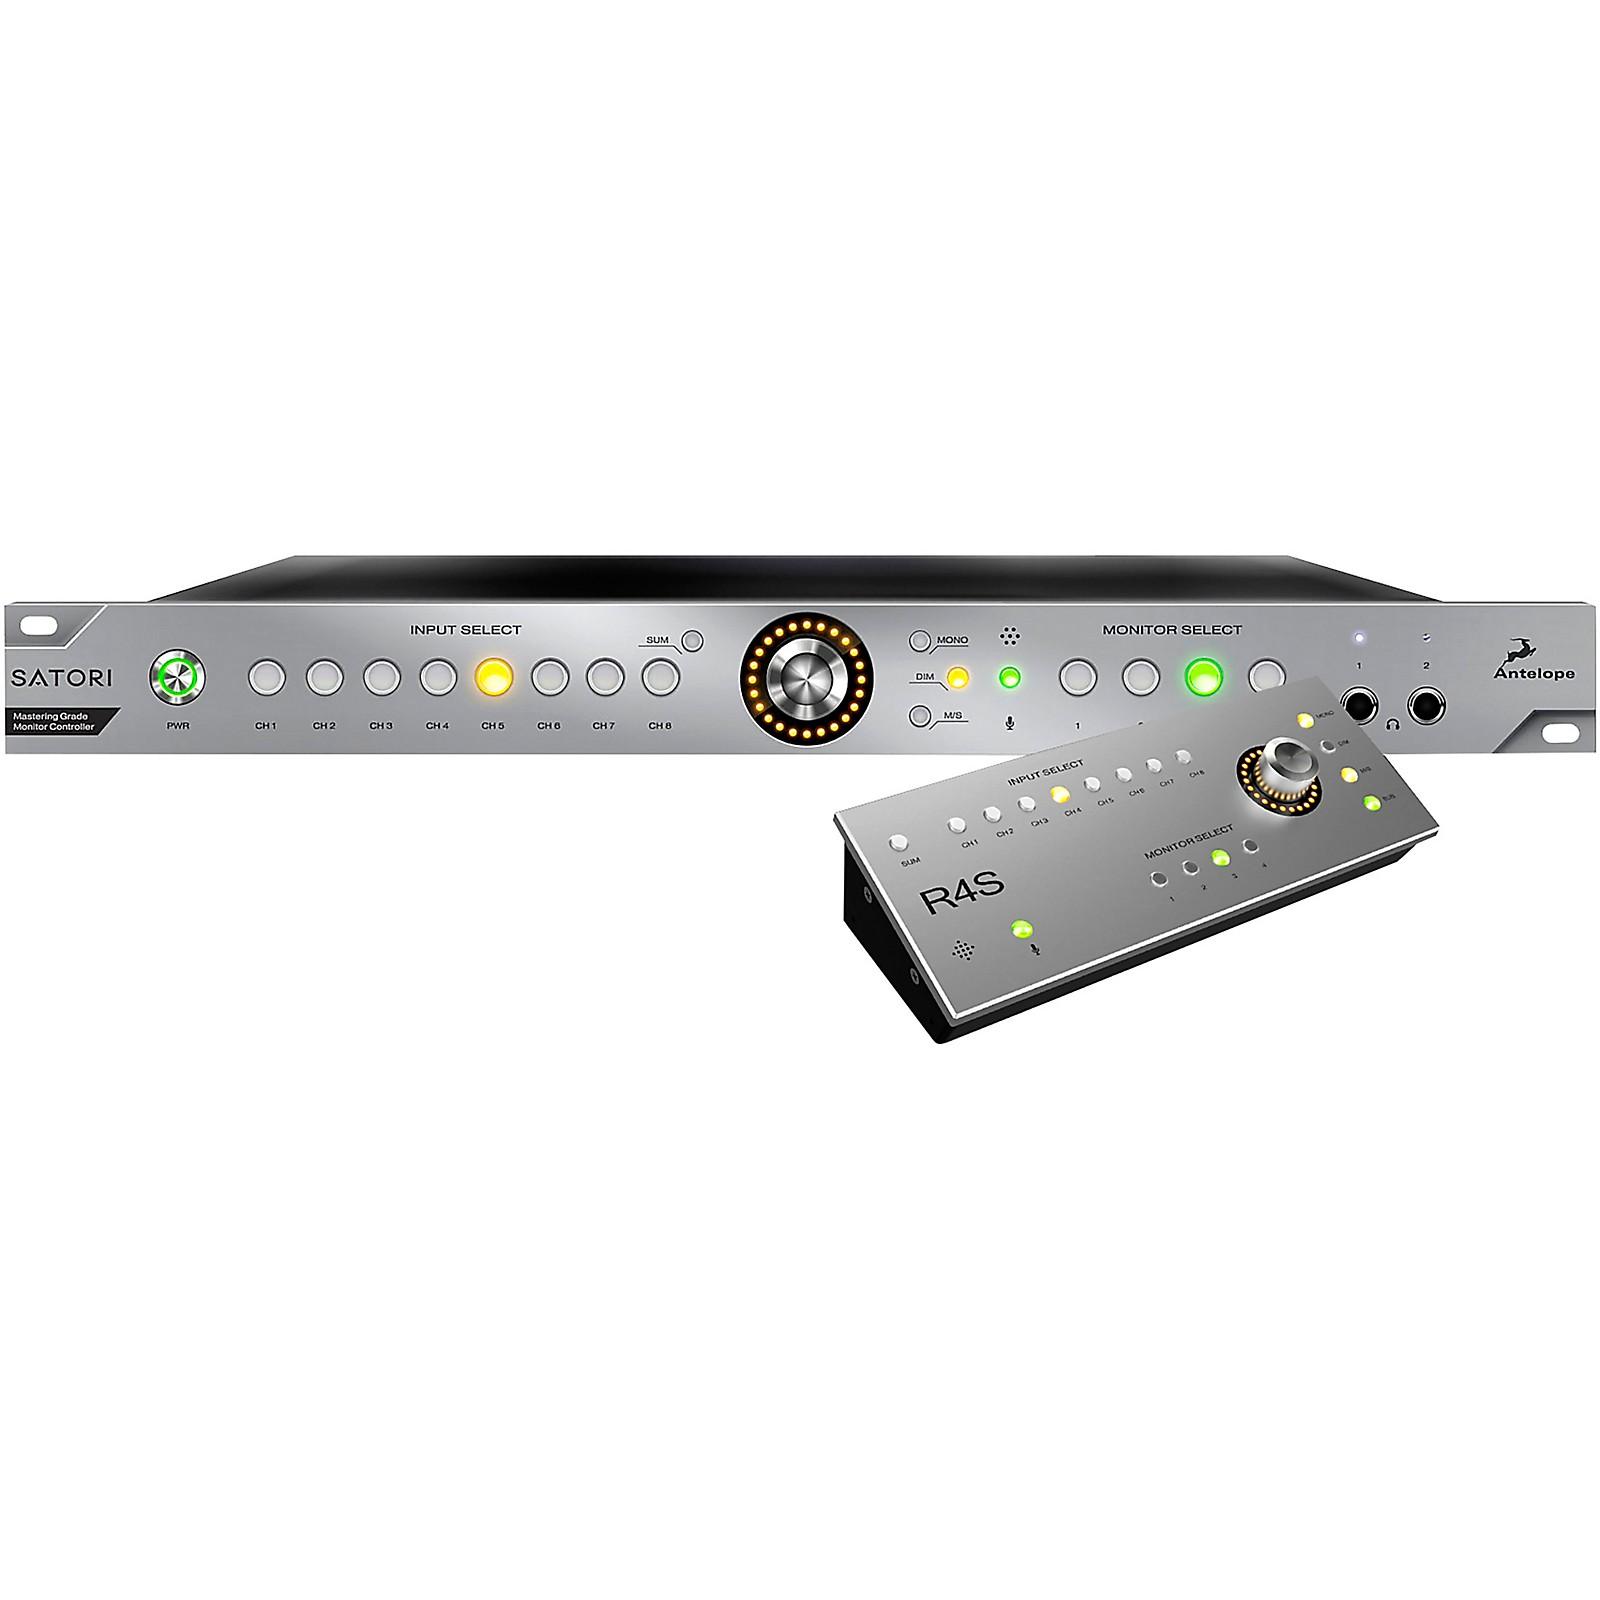 Antelope Audio Satori W/R4S HI End Monitoring Controller